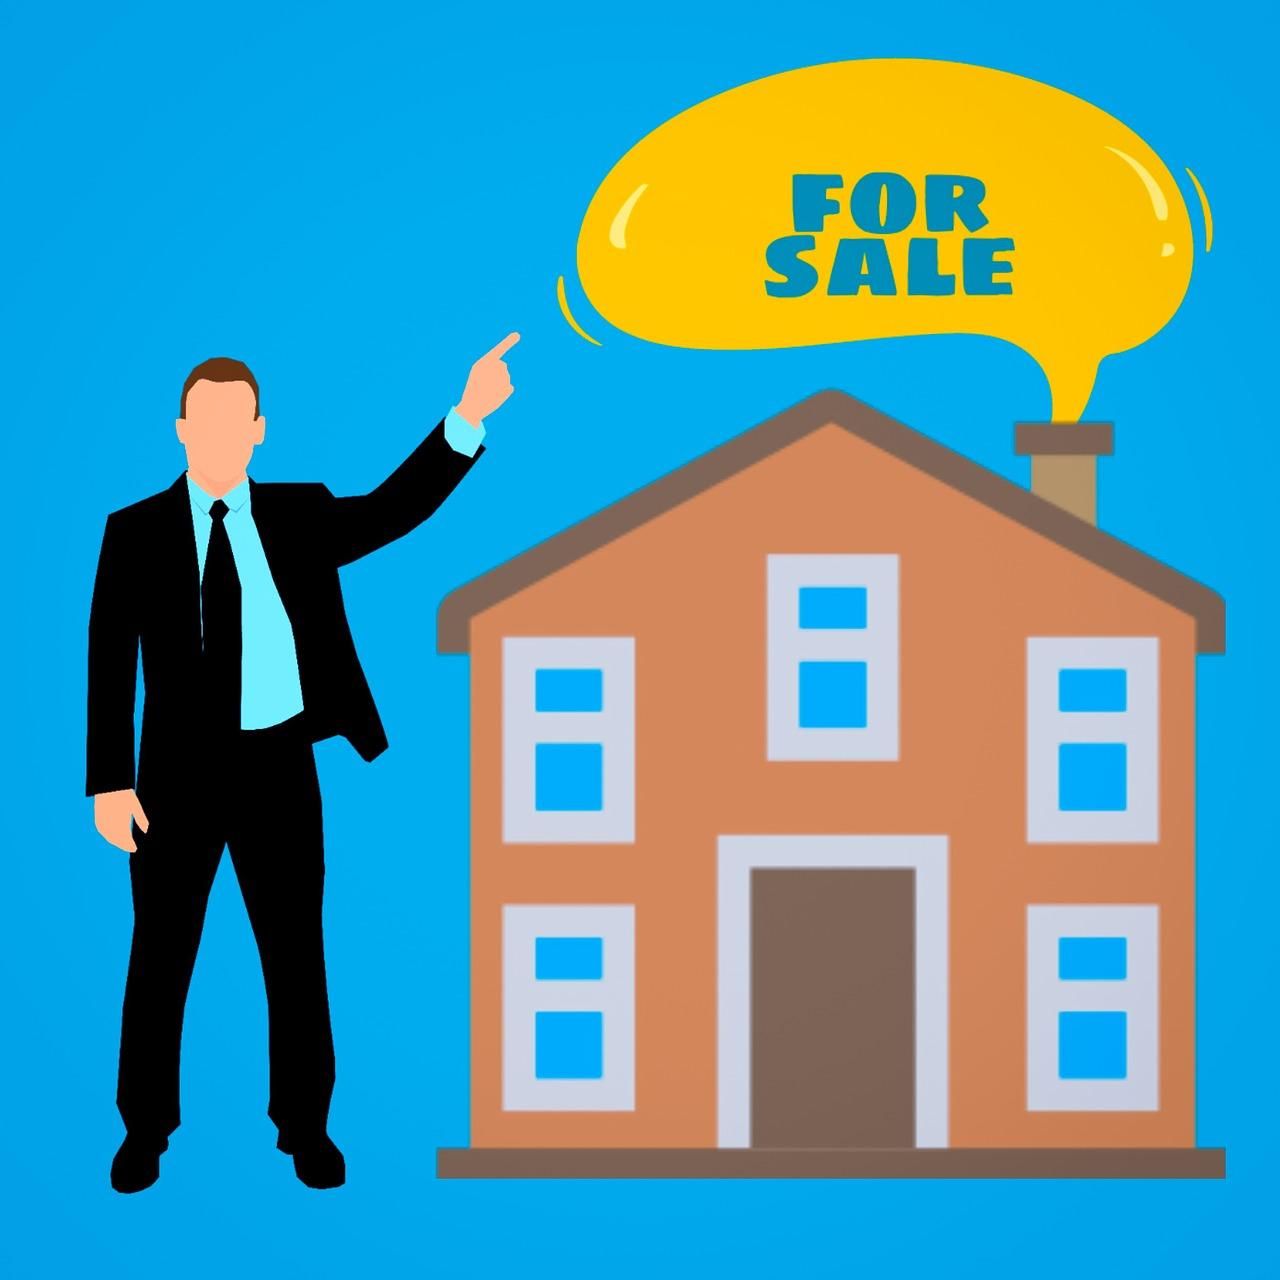 Vendre son bien immobilier dans l'urgence